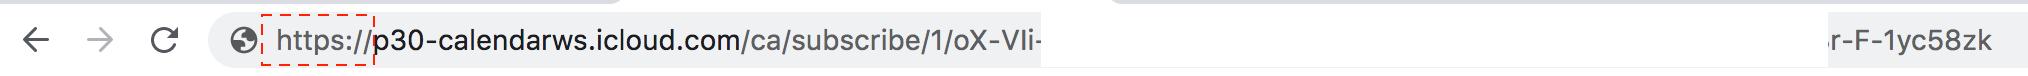 iCloud url ändern https